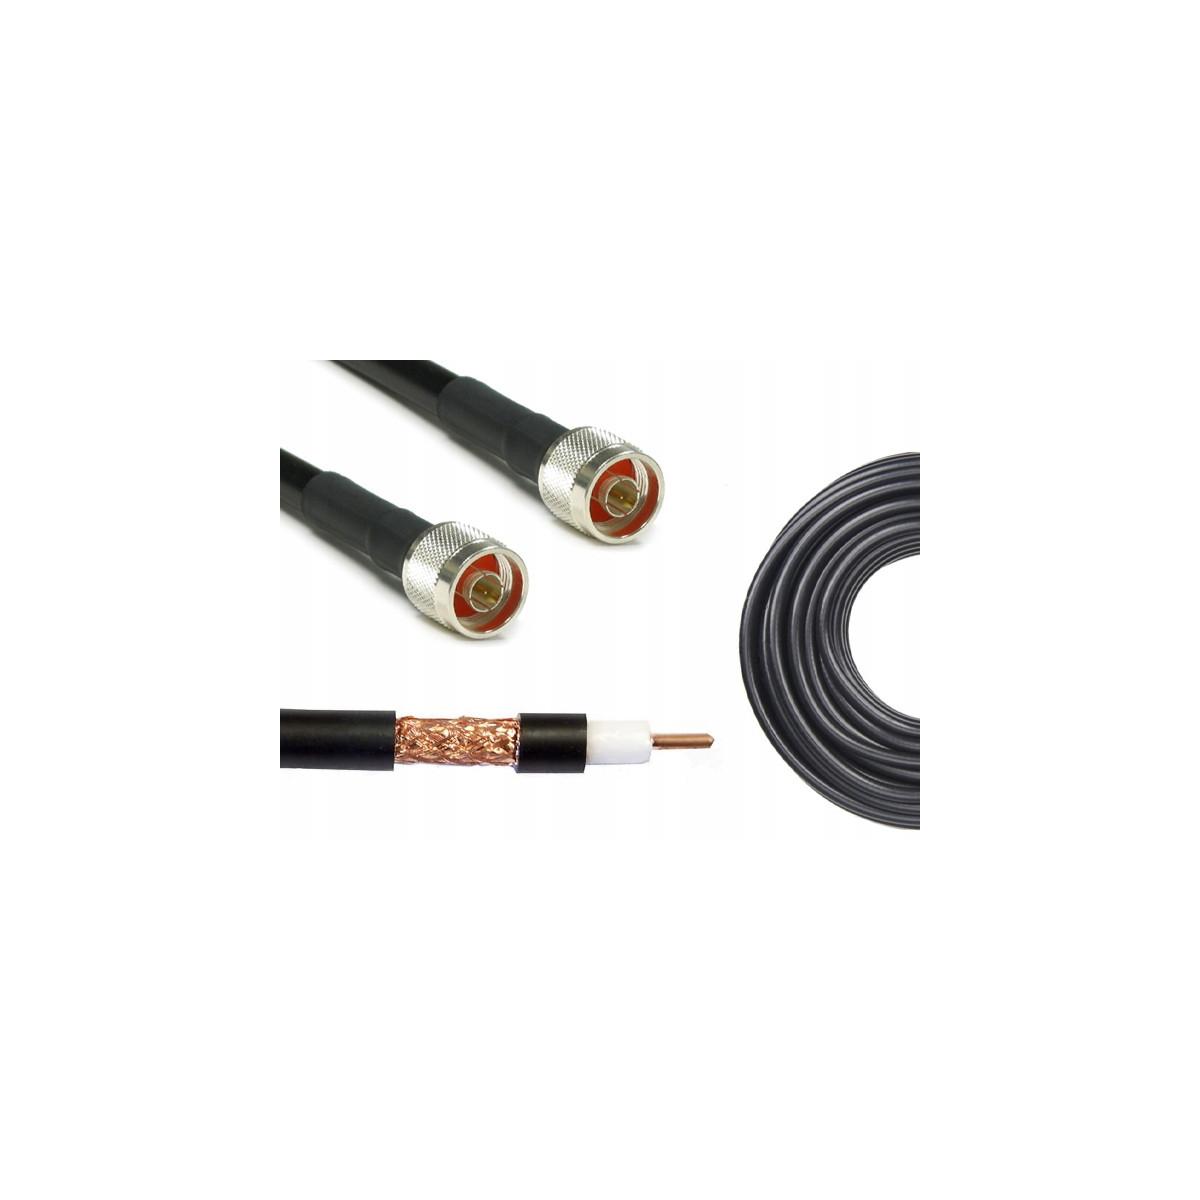 Konektor 10m SRF400 Nm-Nm